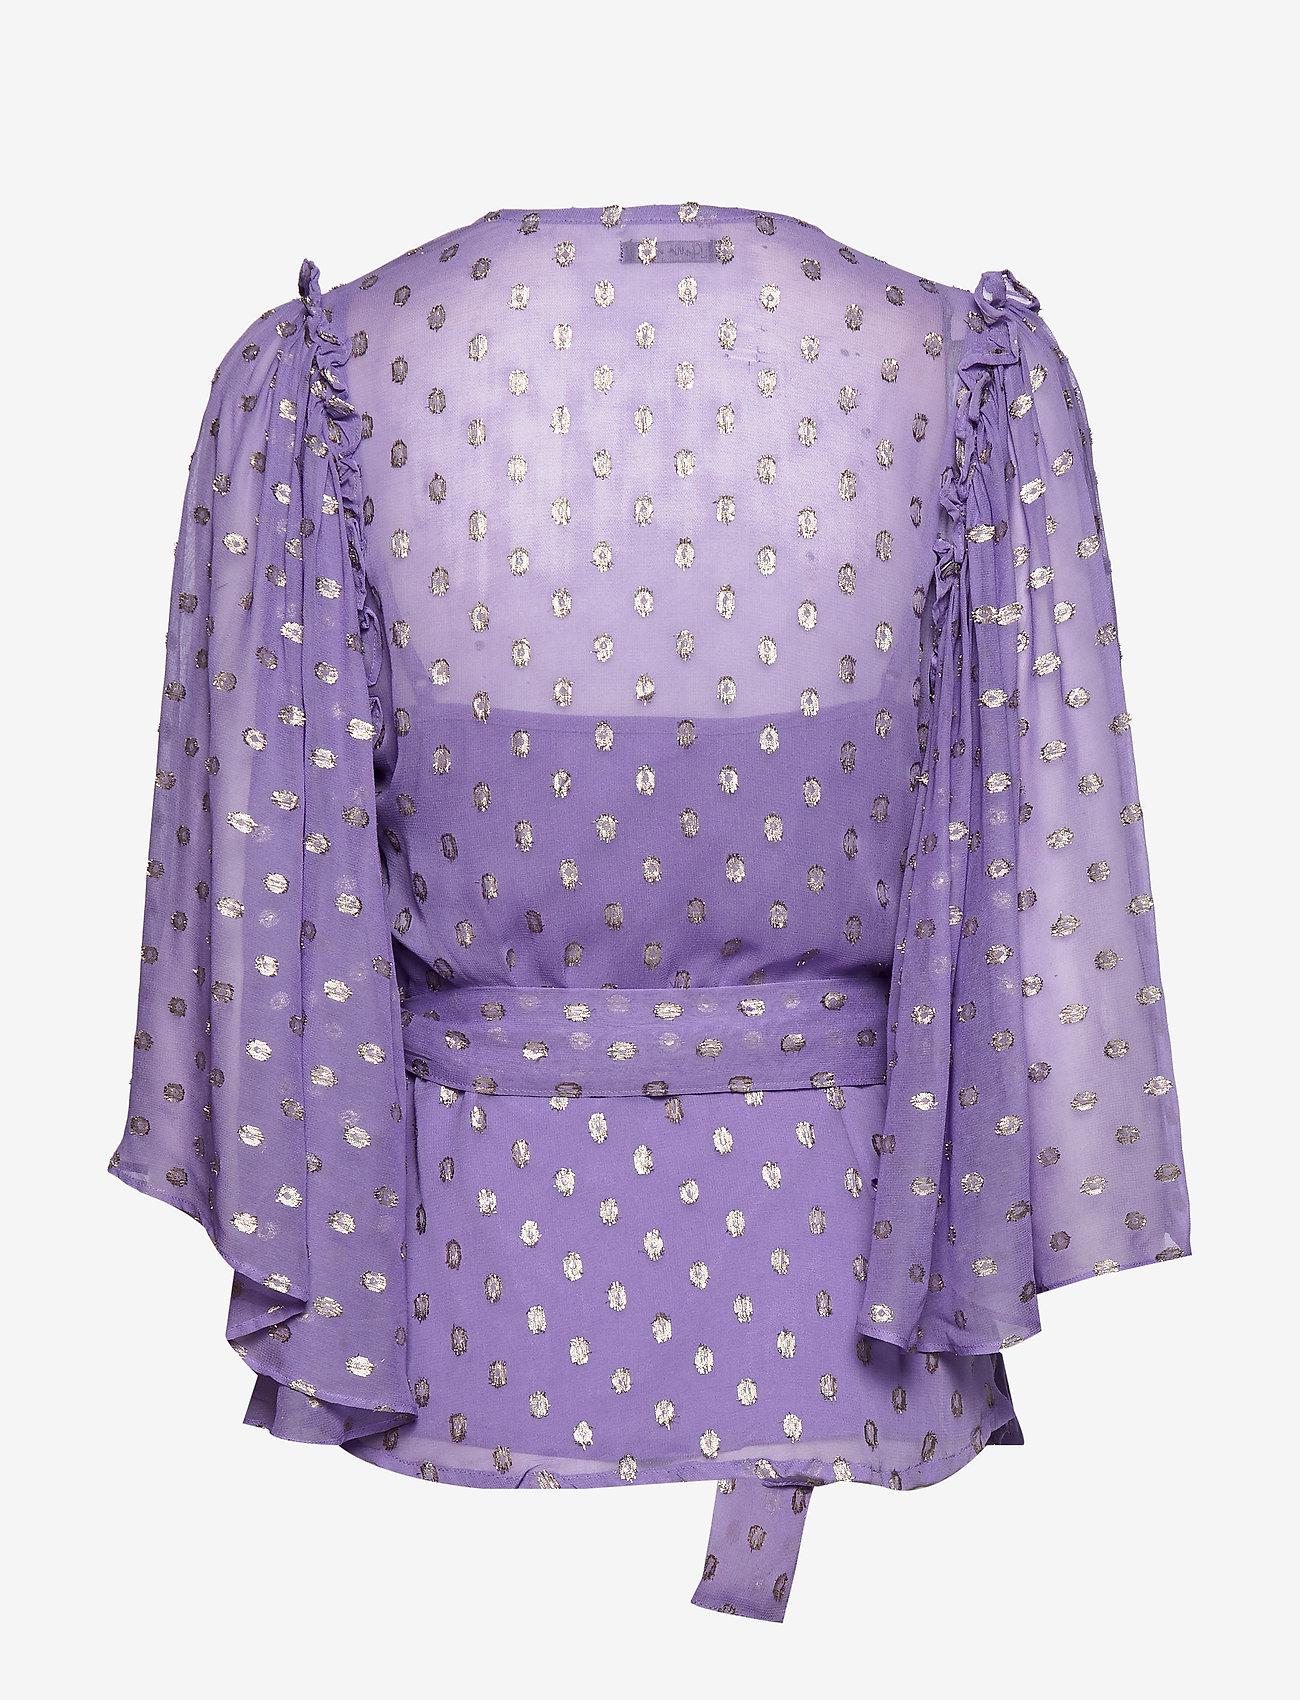 Bedste Autentiske Kvinder Tøj.Steffy Purple 779.40 Stella Nova bfCzZ4